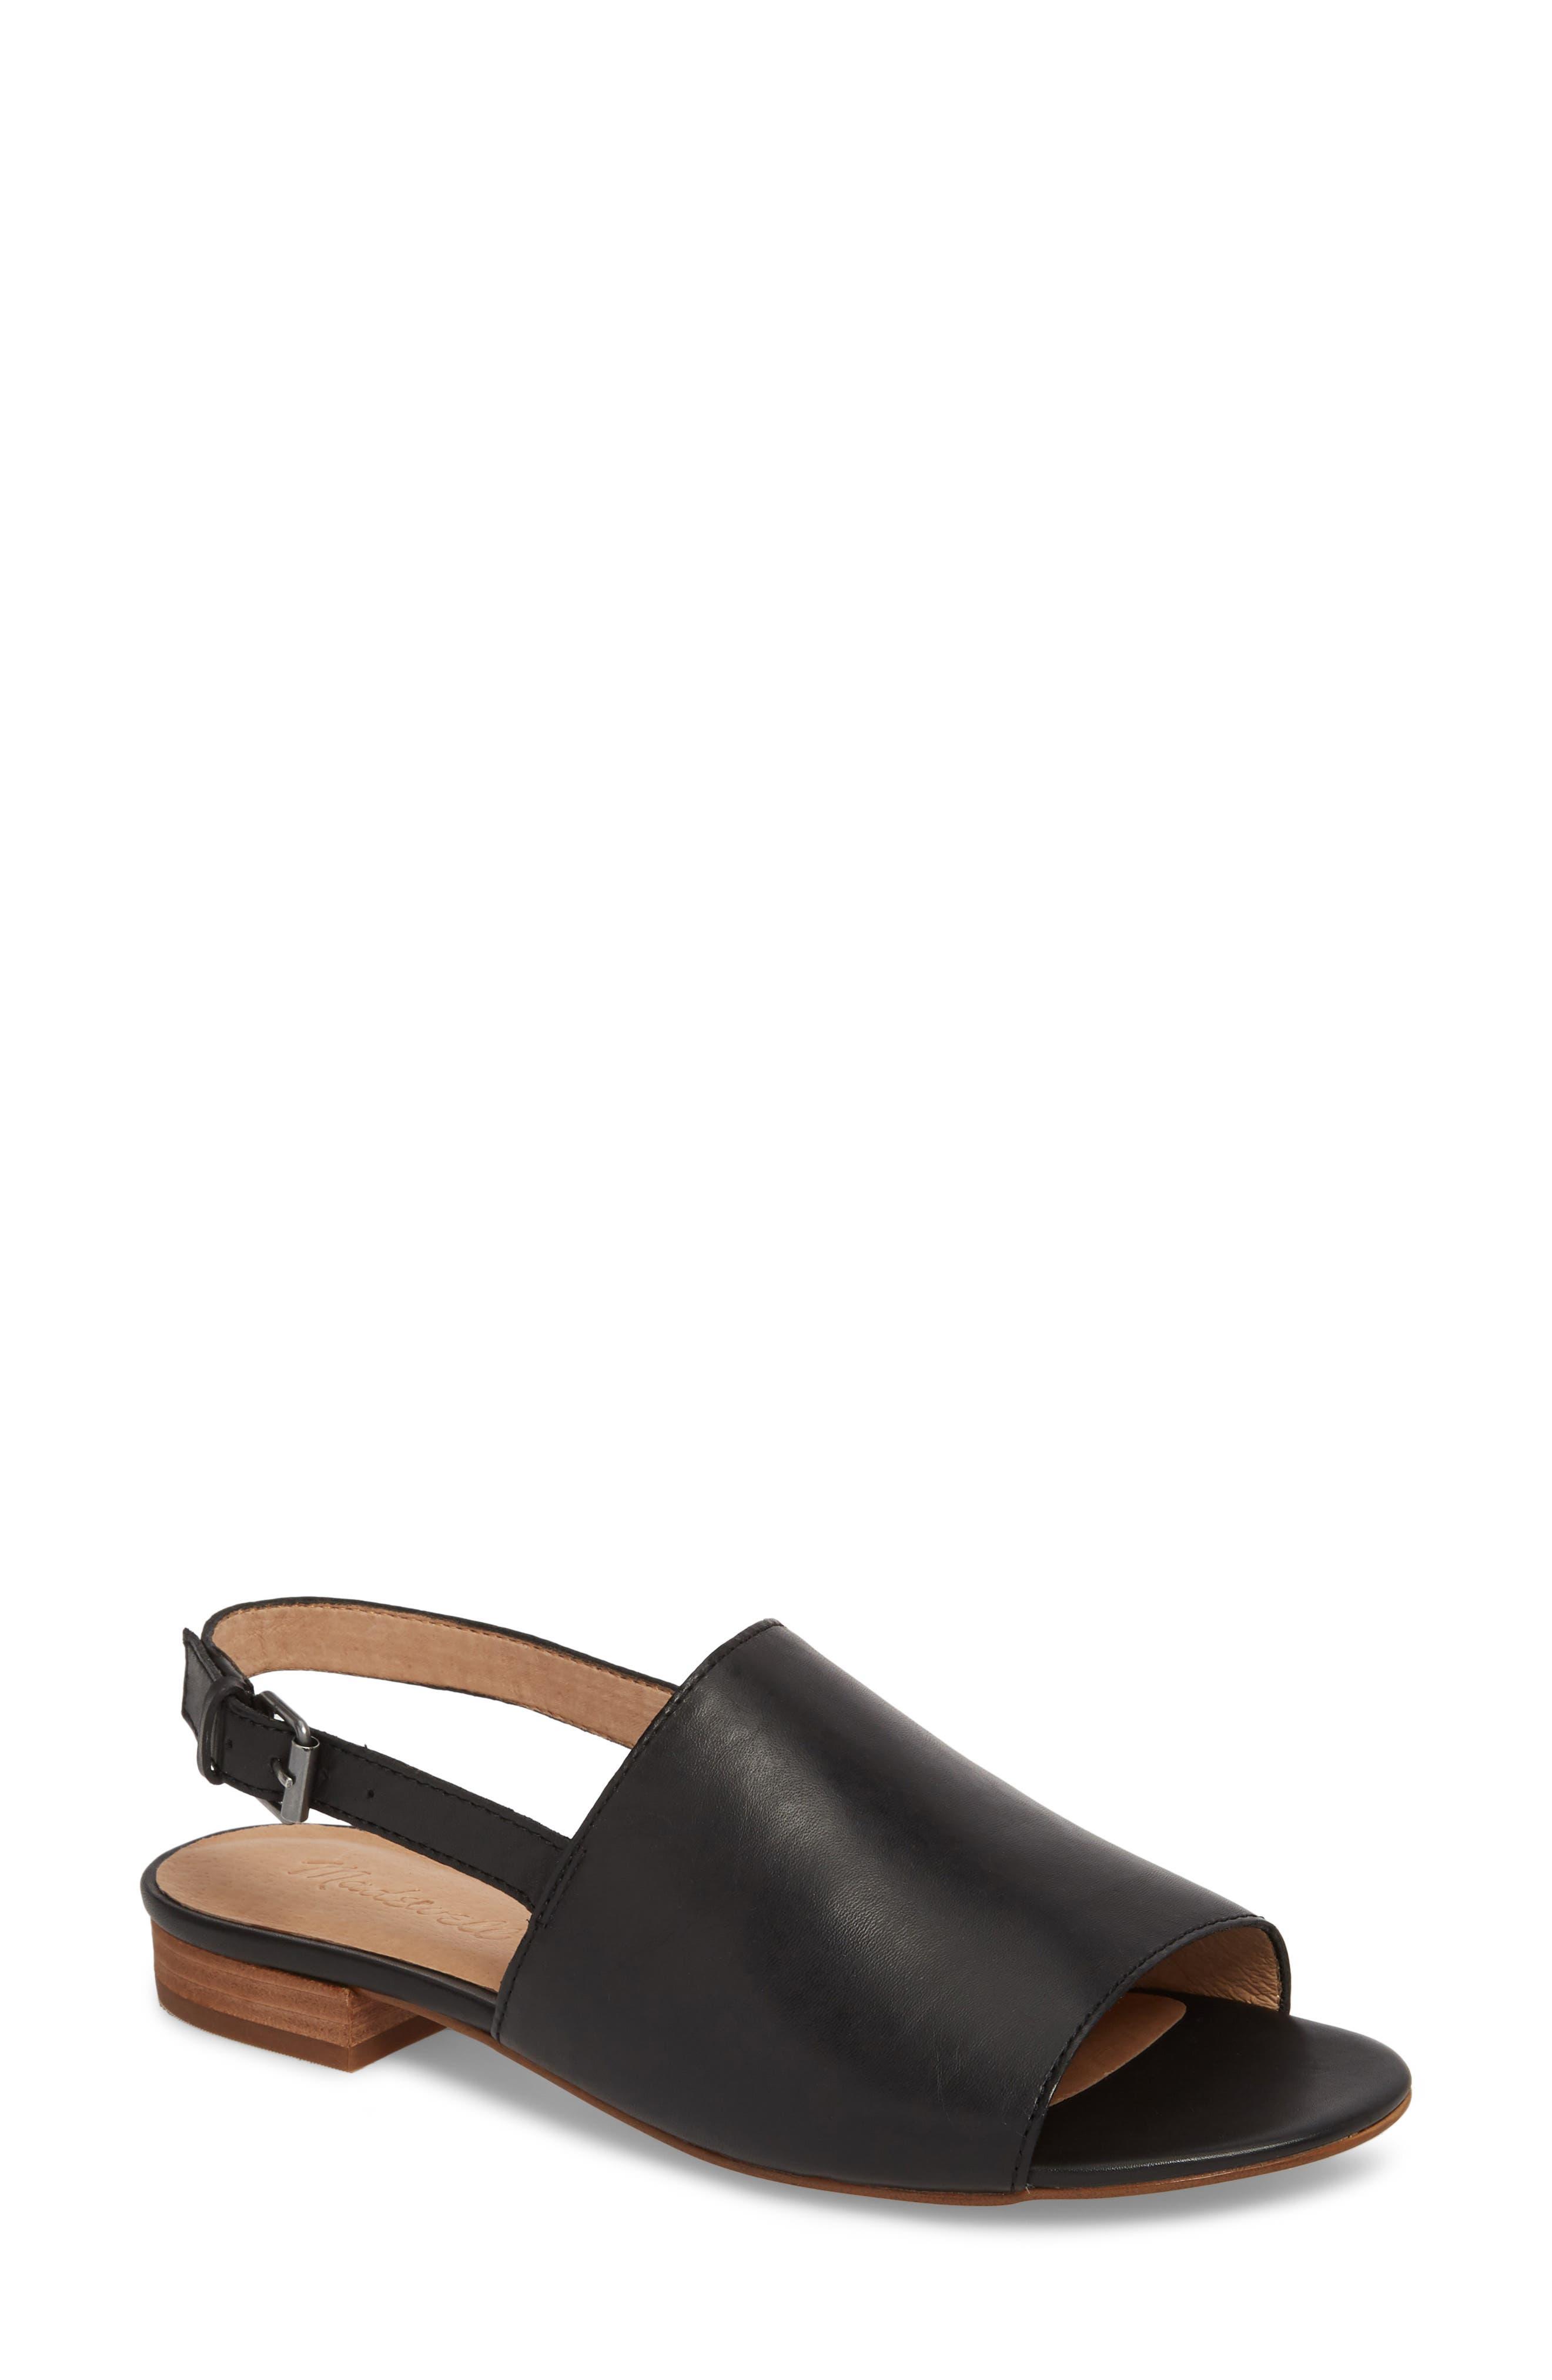 Noelle Slingback Sandal,                         Main,                         color,